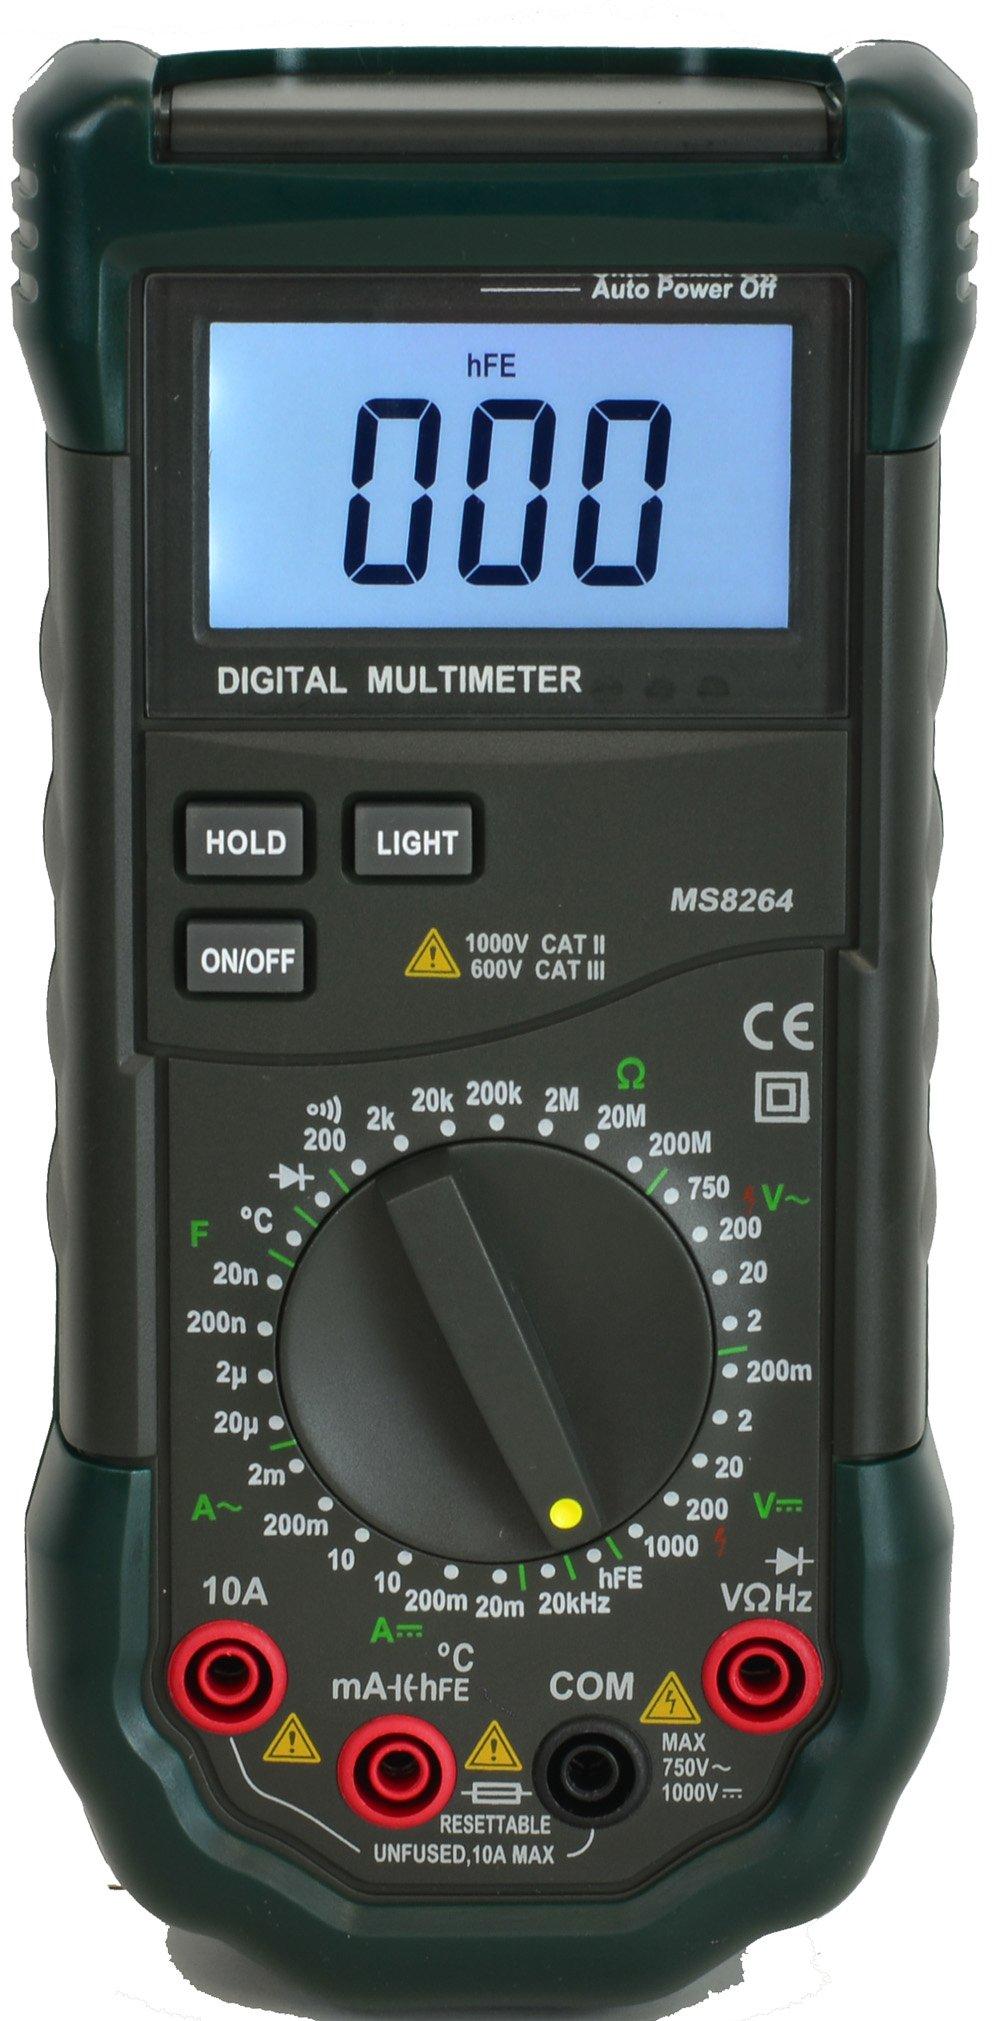 Mastech MS8264 30-Range Digital Multimeter with Temperature Measurement